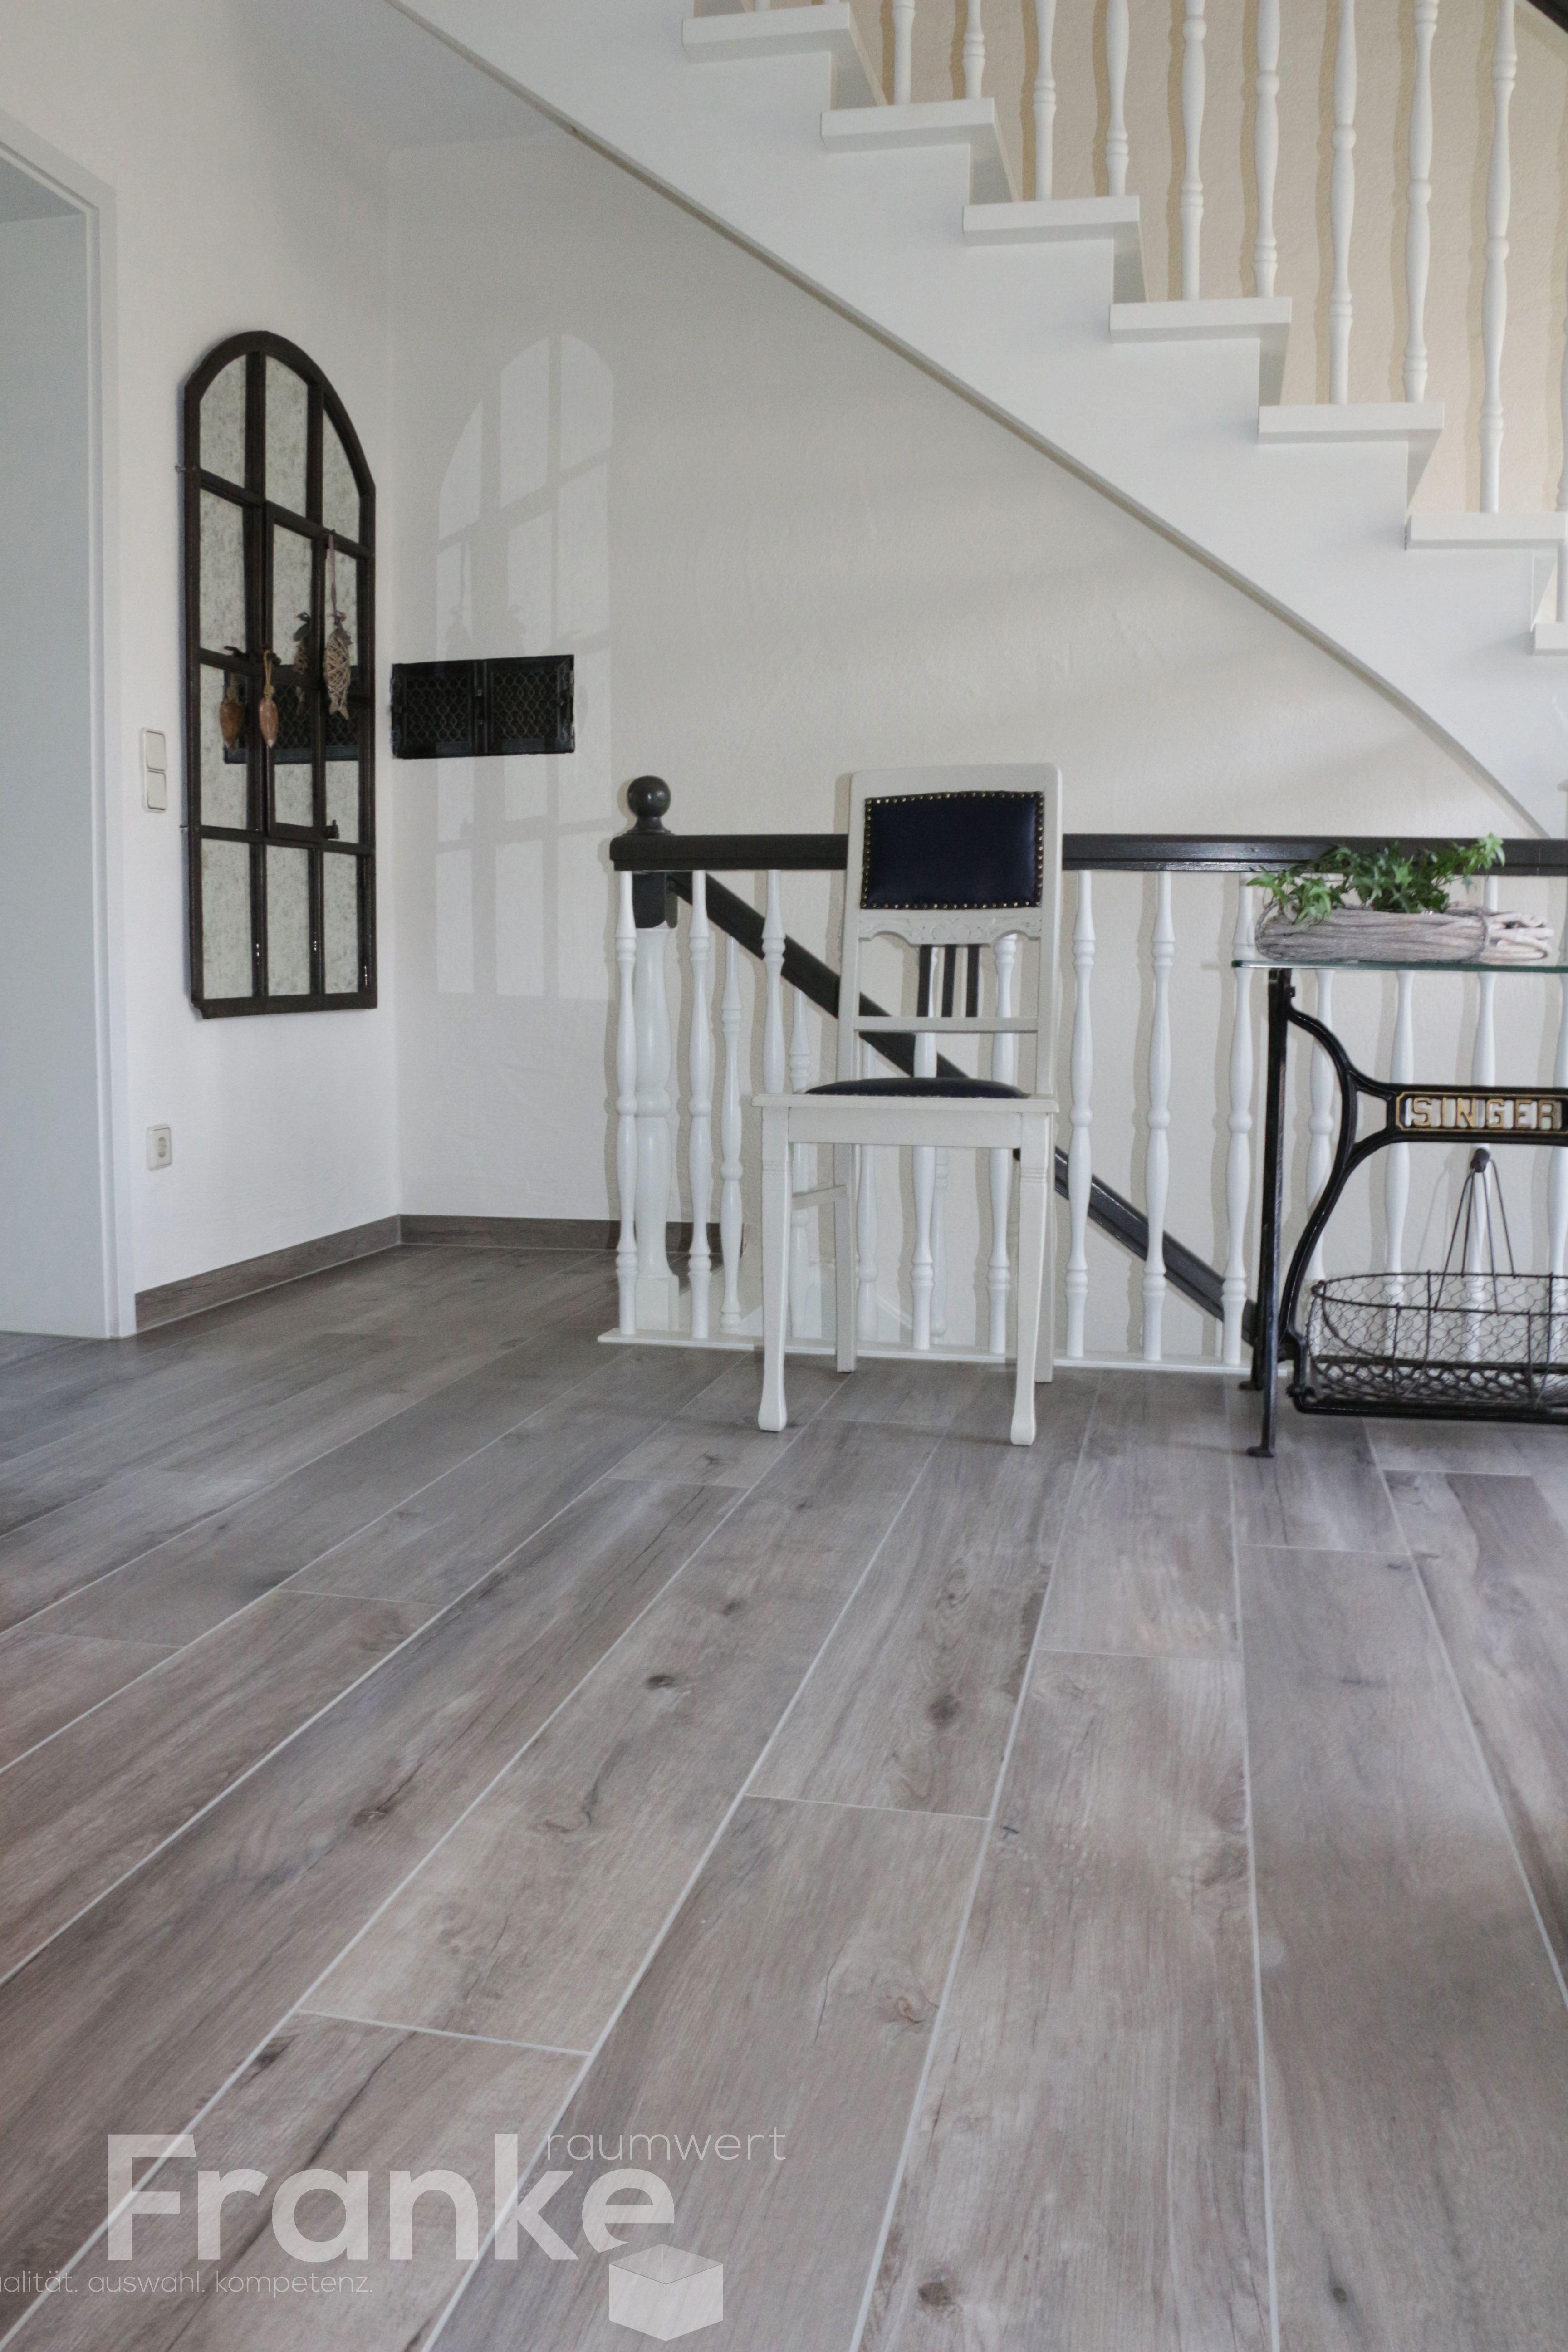 Elegant Fliesen In Holzoptik   Die Optik Des Holzes Mit Der Langlebigkeit Und  Pflegeleichtigkeit Der Fliese Vereint